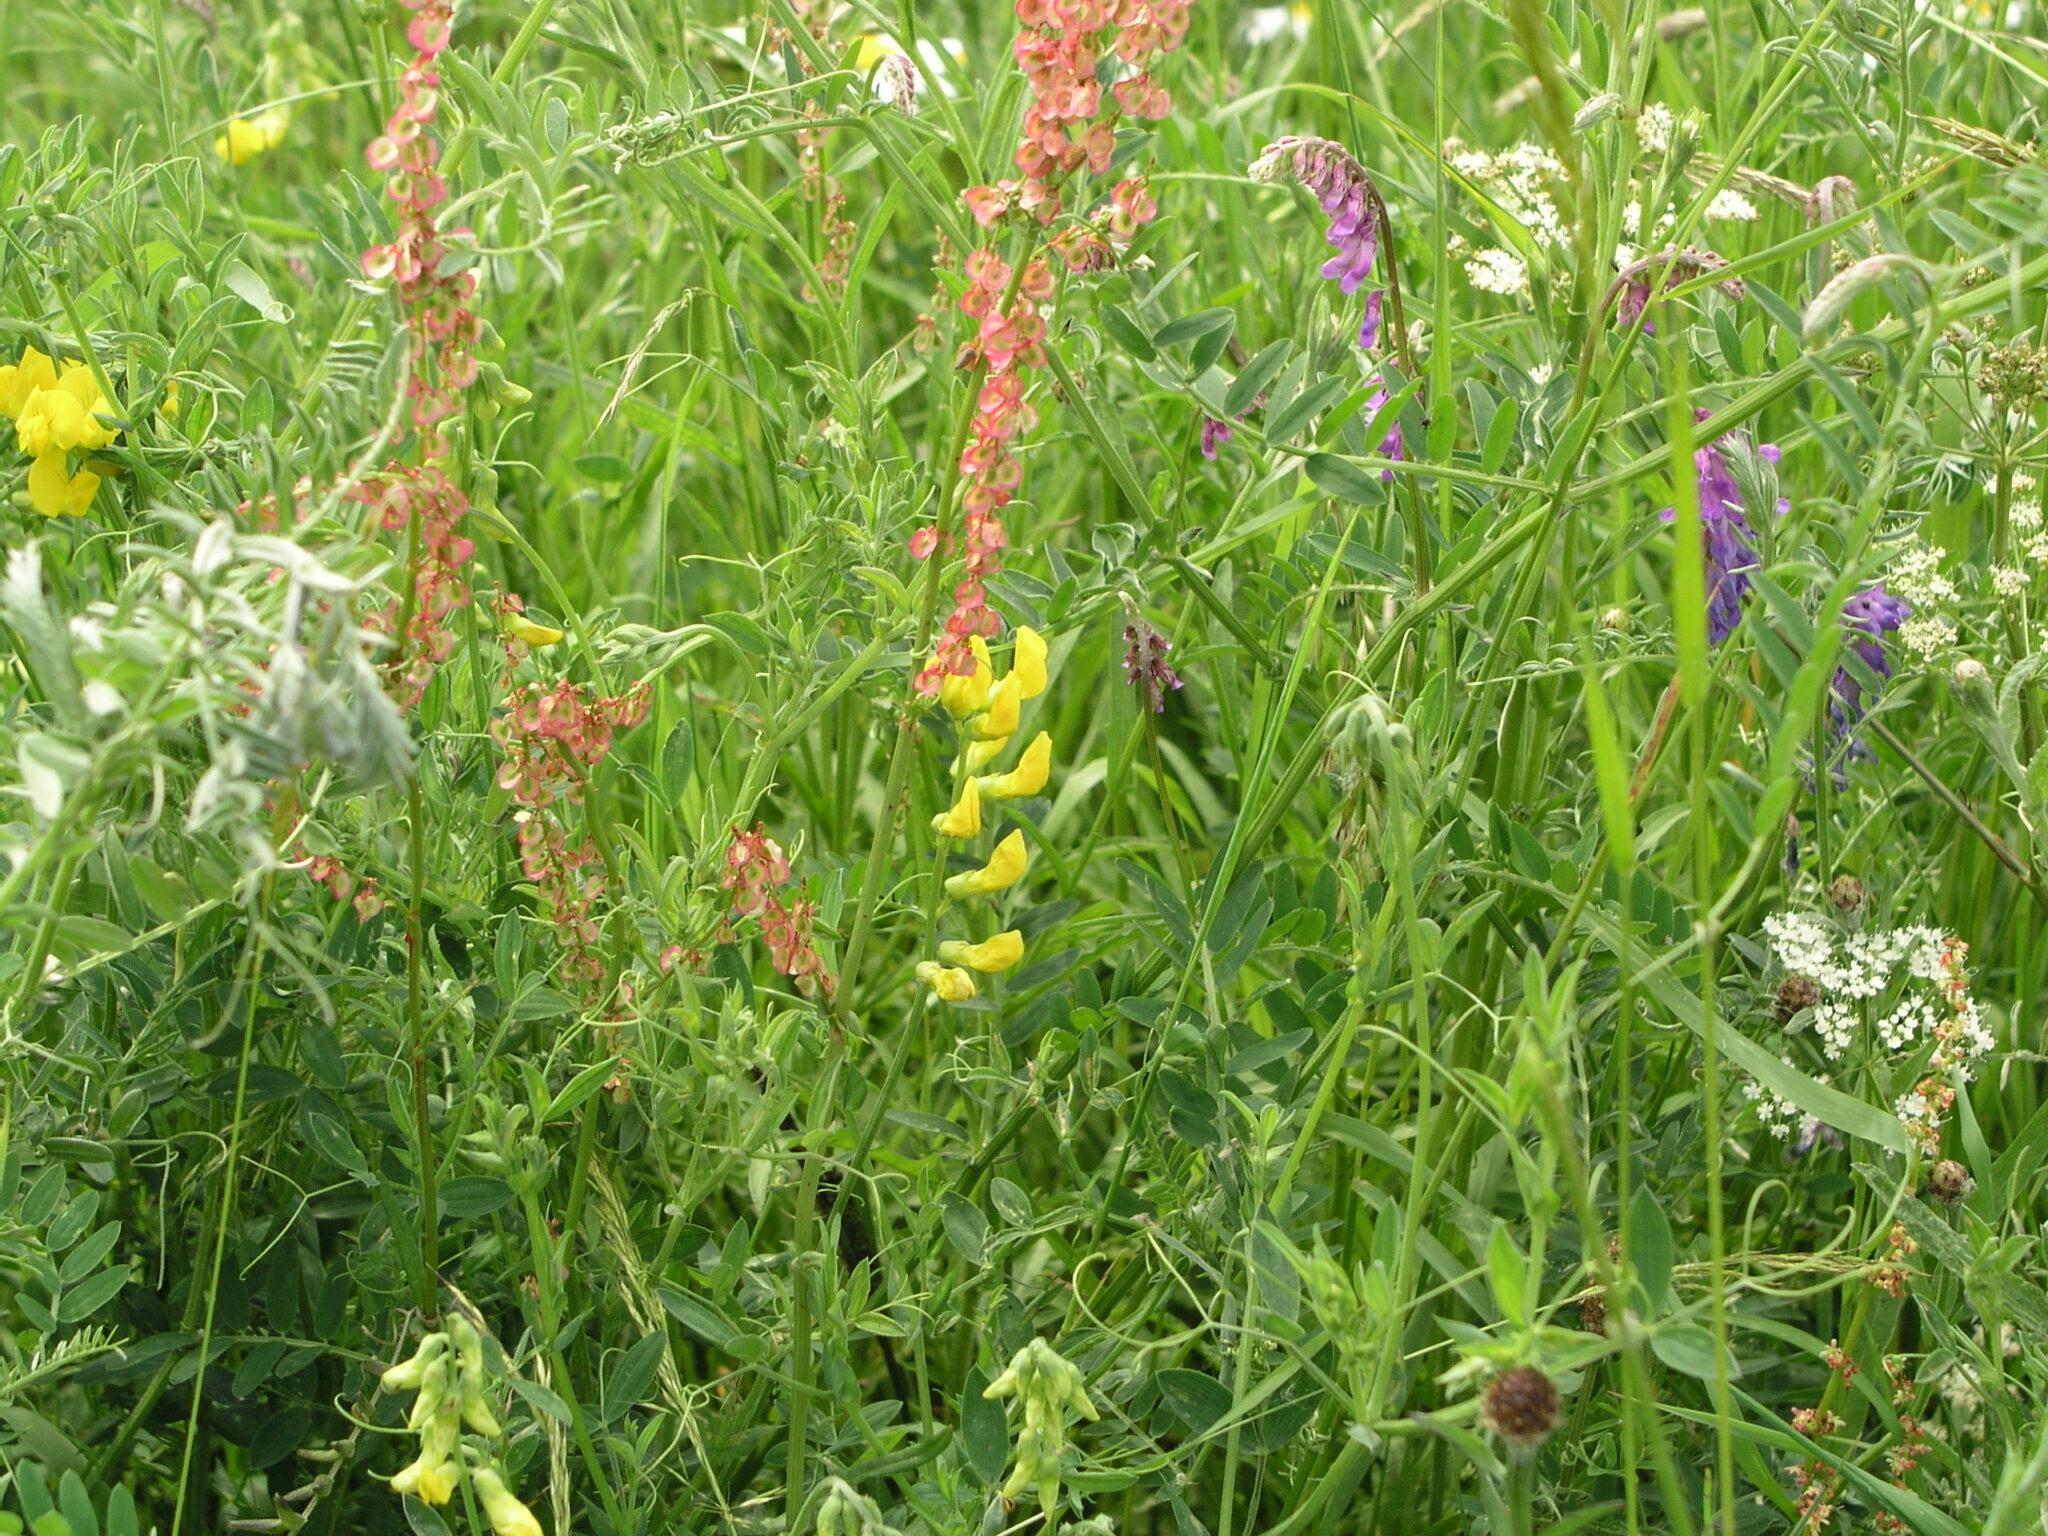 Stikstof en de ontwikkeling van de biodiversiteit in de Binnenveldse Hooilanden